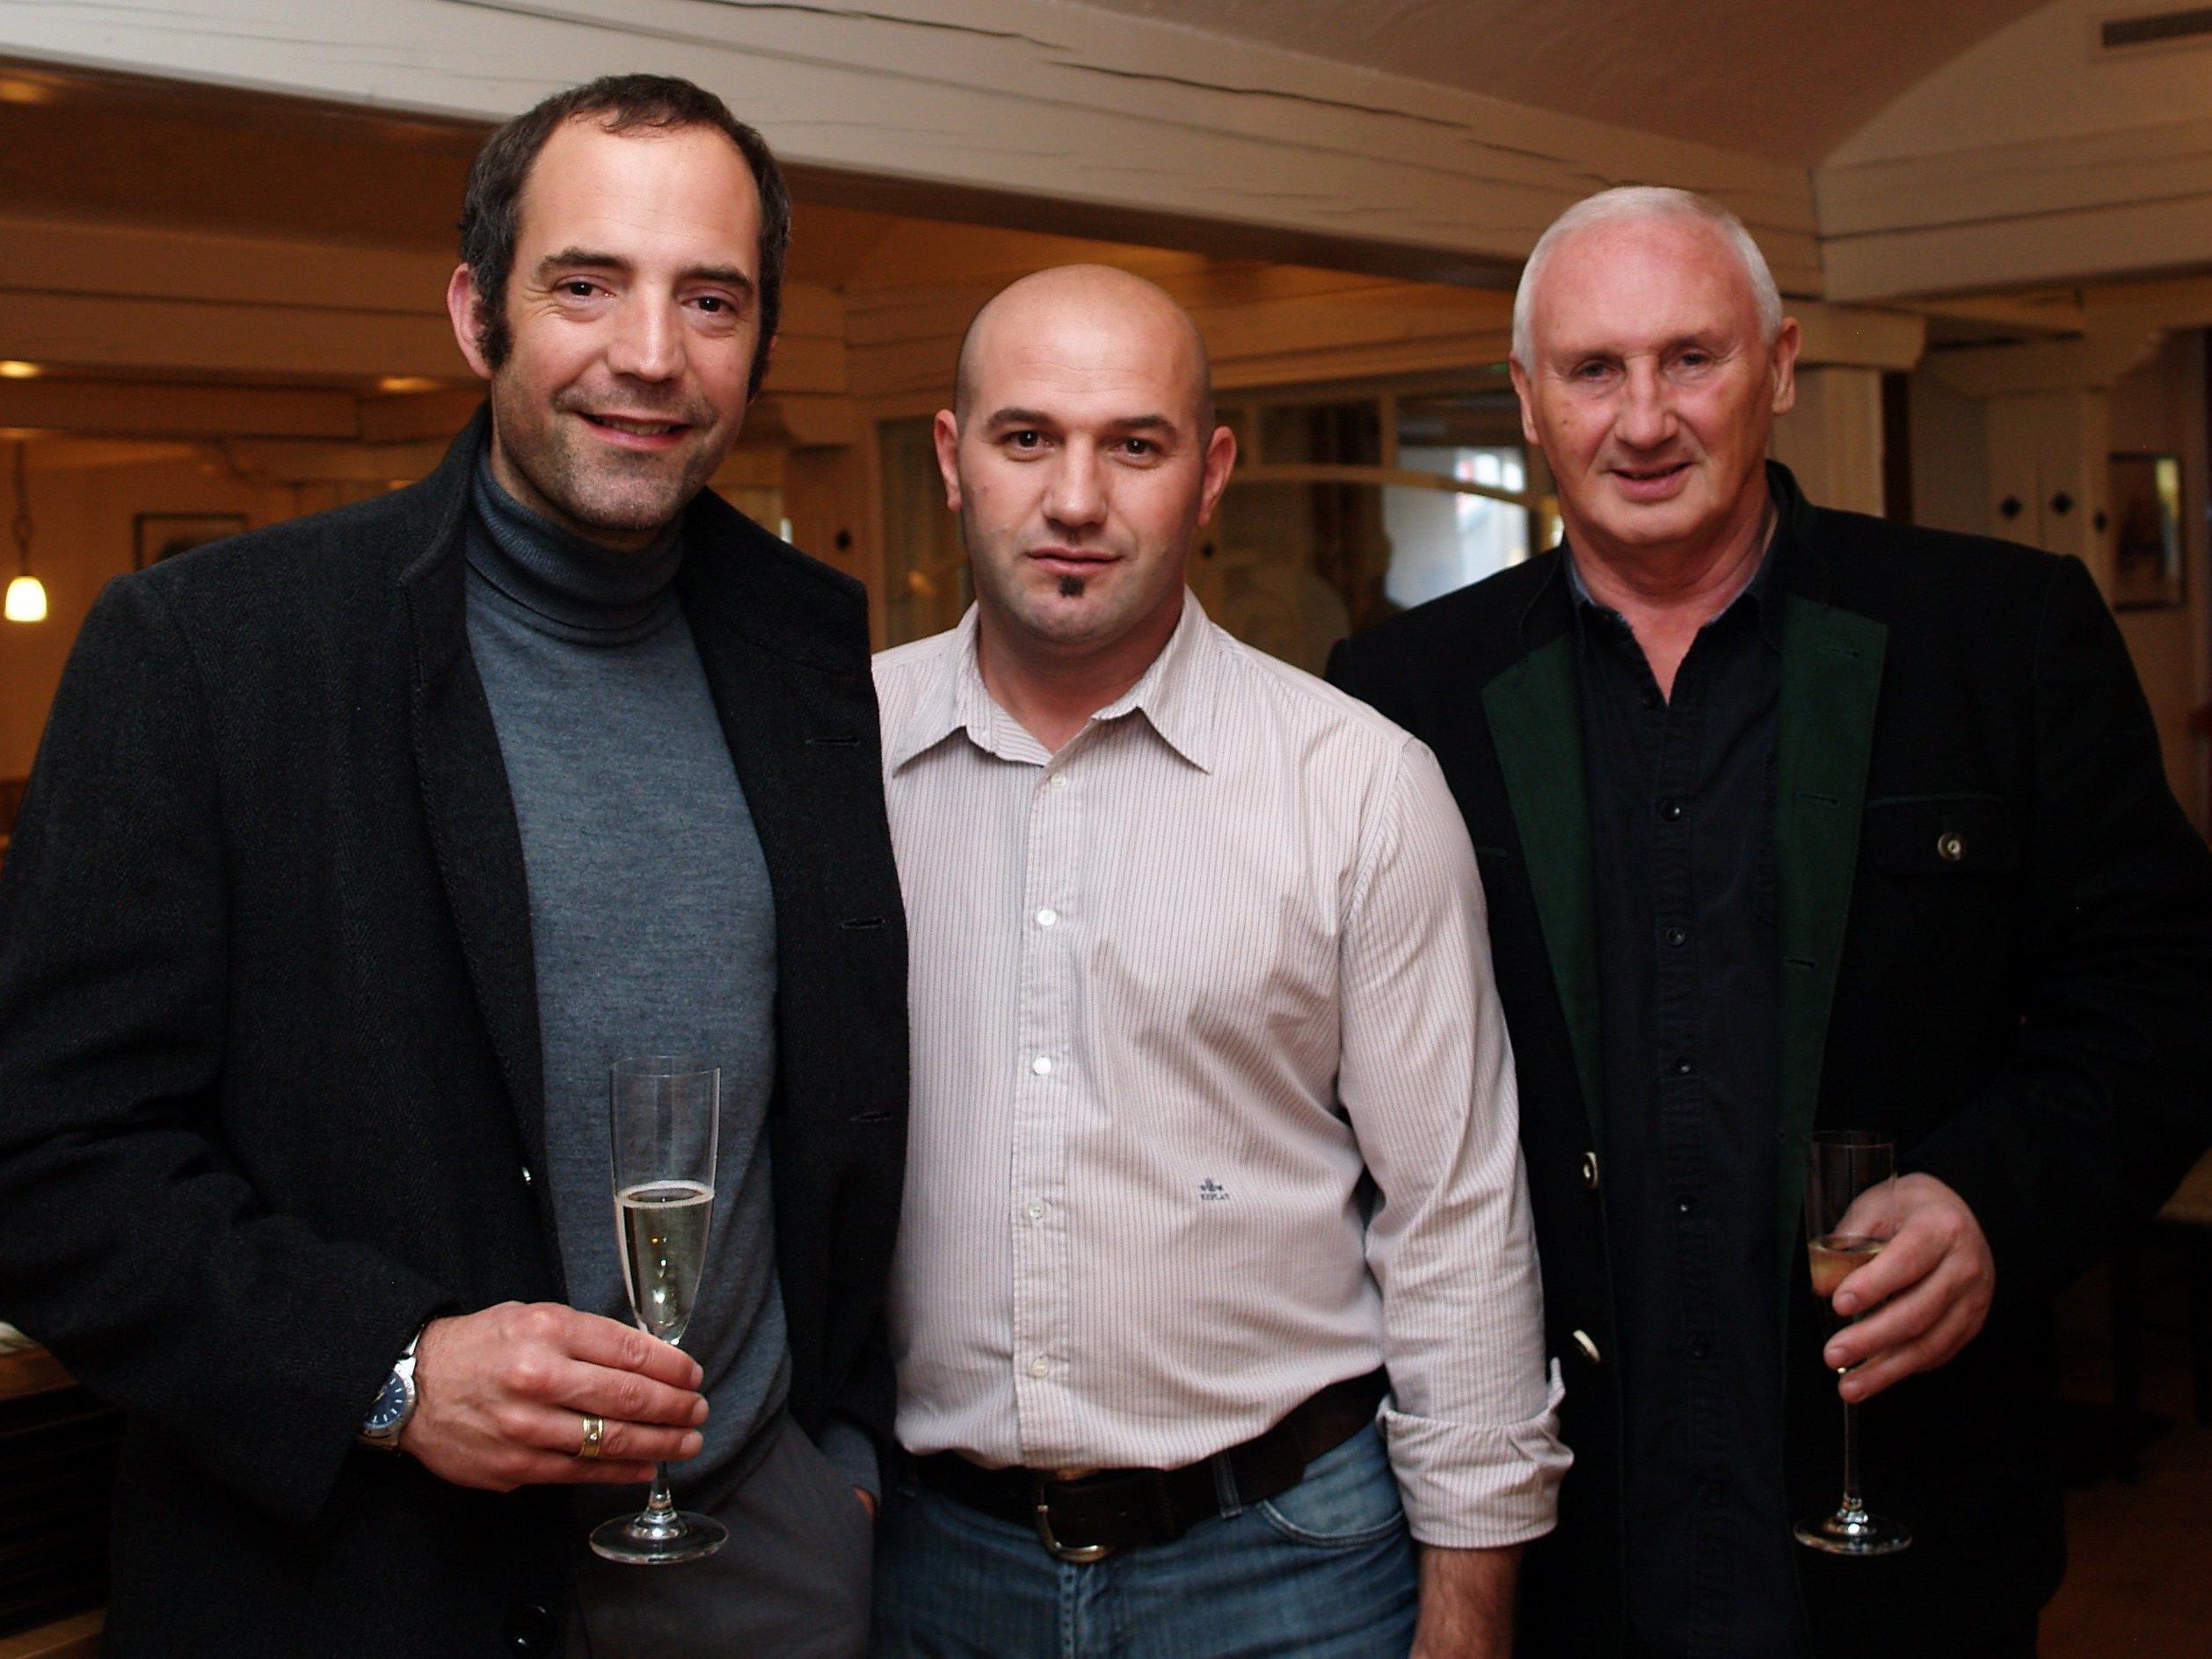 Rexhaj Kosove mit Ortsvorsteher Dieter Preschle und Edgar Eller bei der Eröffnung vom Johanniterhof.